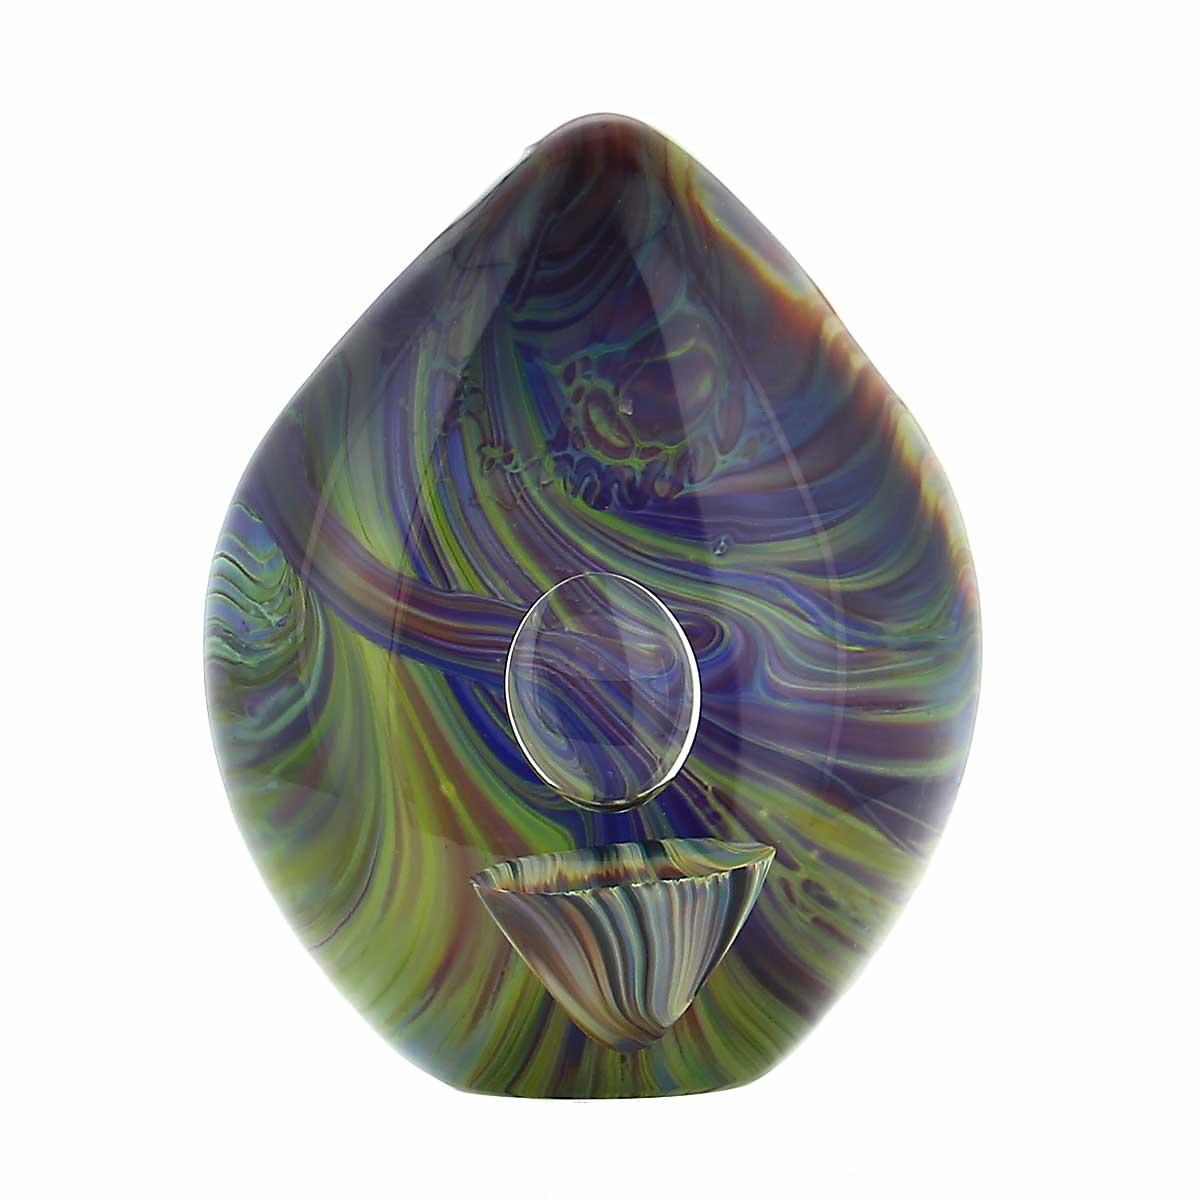 Décoration en verre de Murano